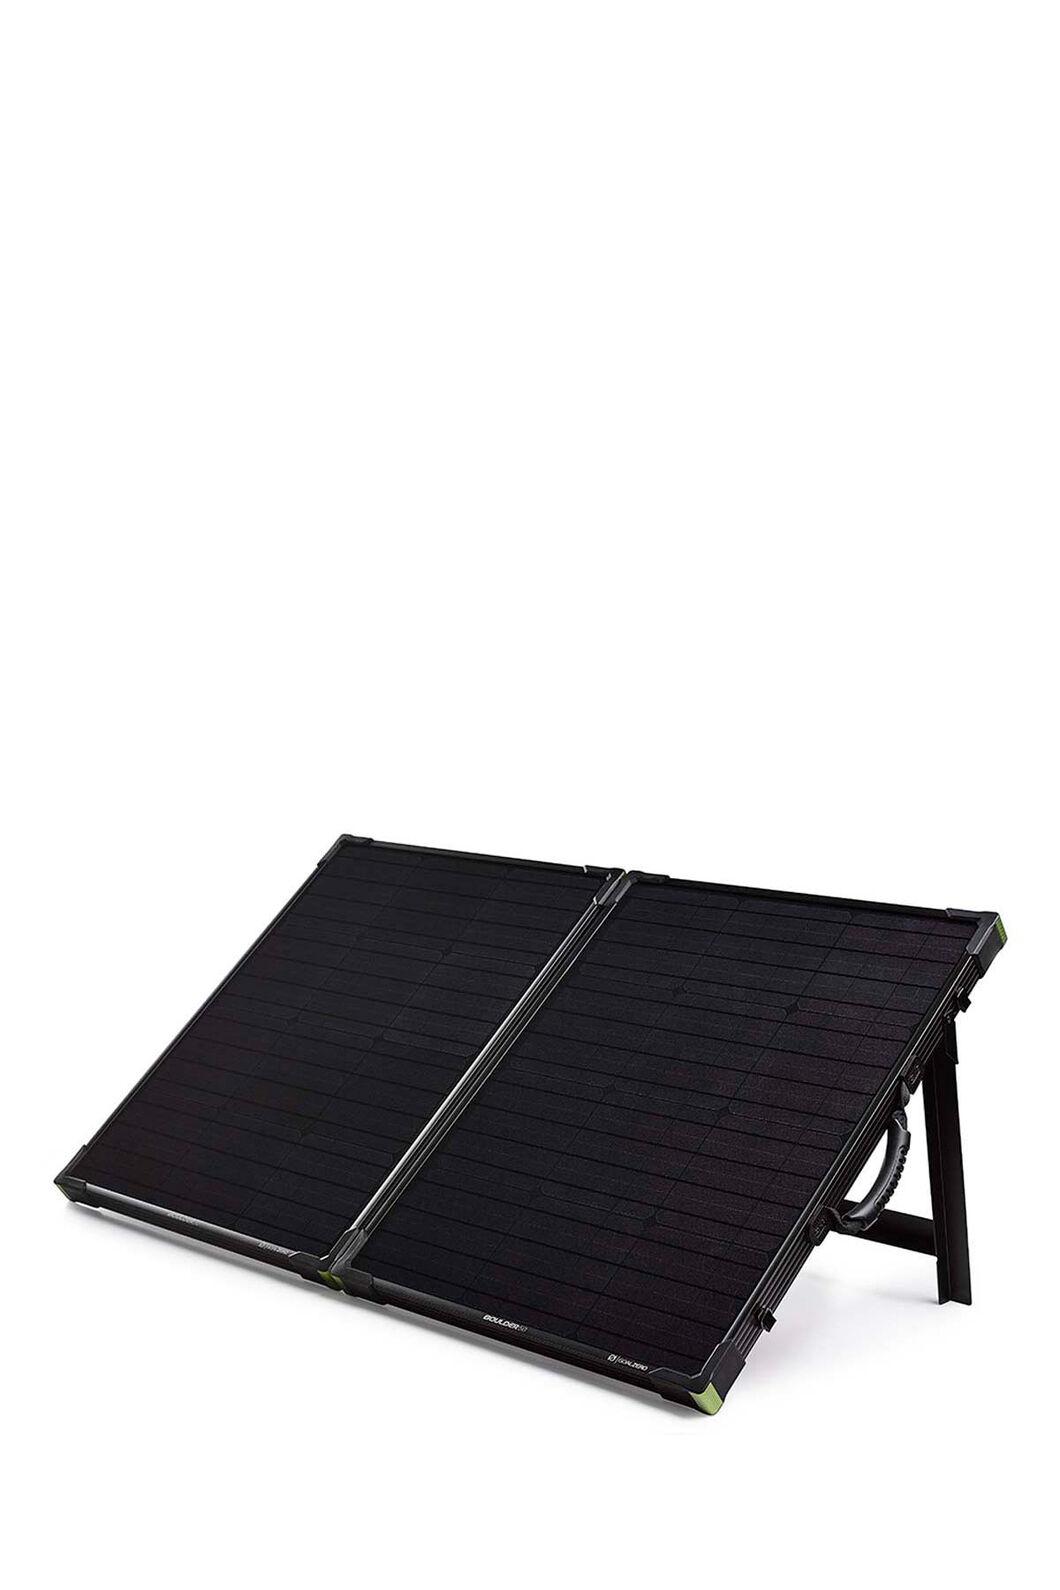 Goal Zero Boulder 100 Briefcase Solar Panel, None, hi-res